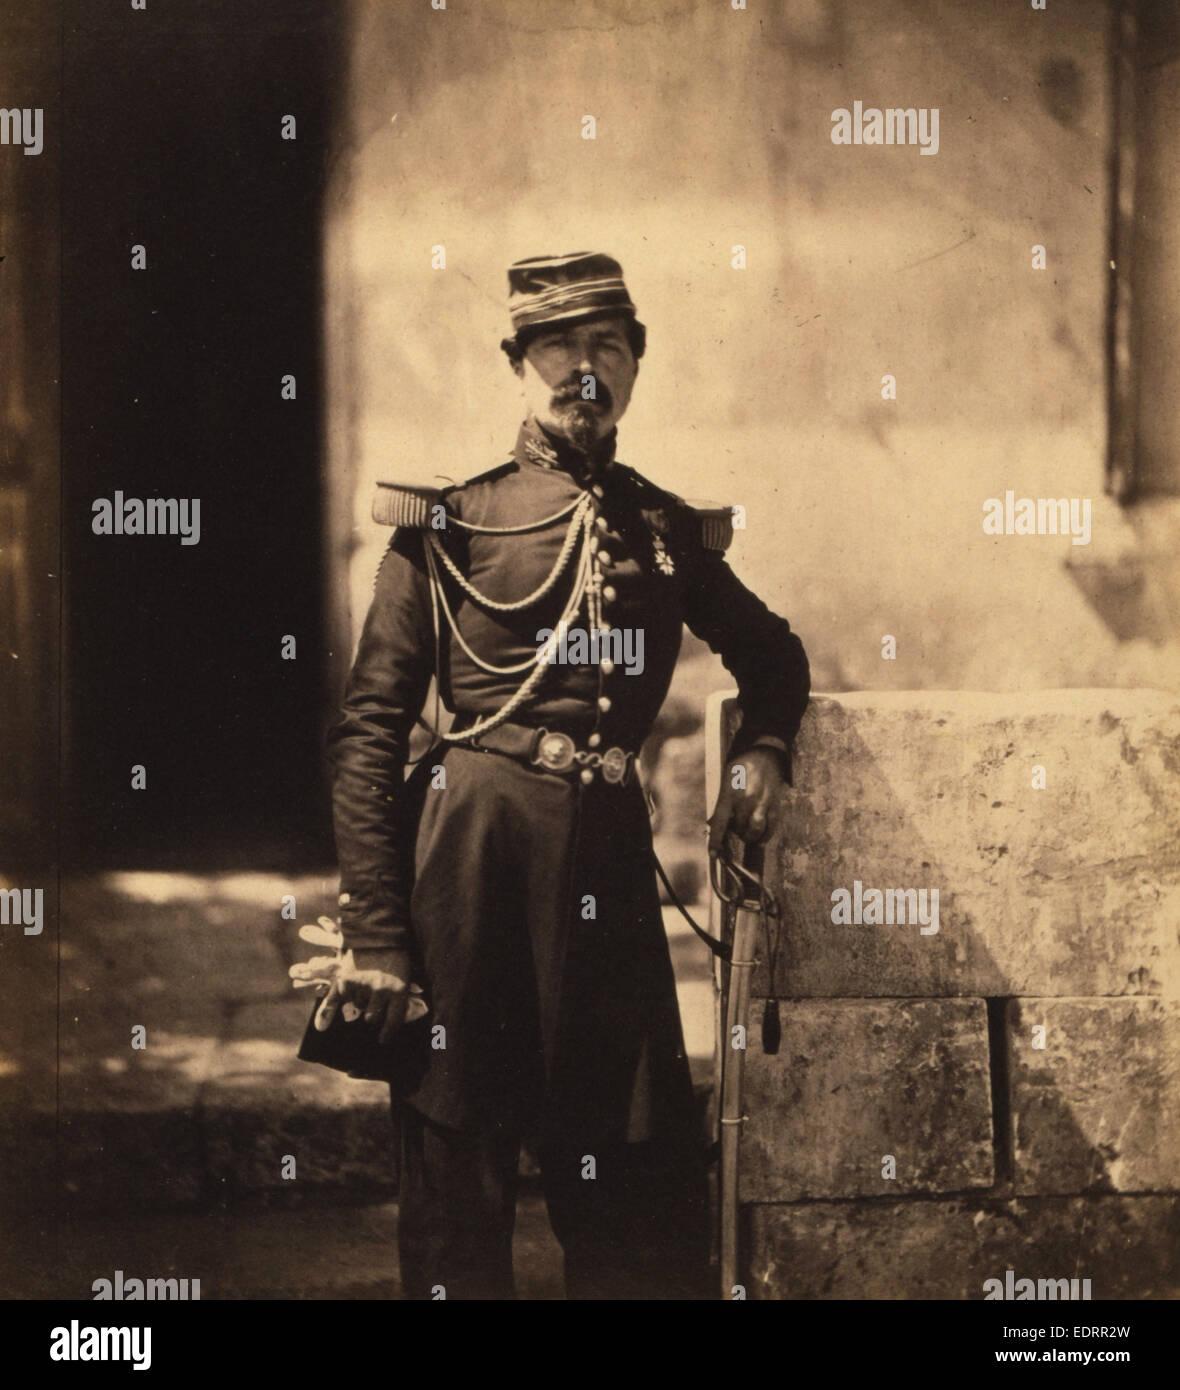 Colonel Vico, attached to the British Head Quarters, Crimean War, 1853-1856, Roger Fenton historic war campaign - Stock Image